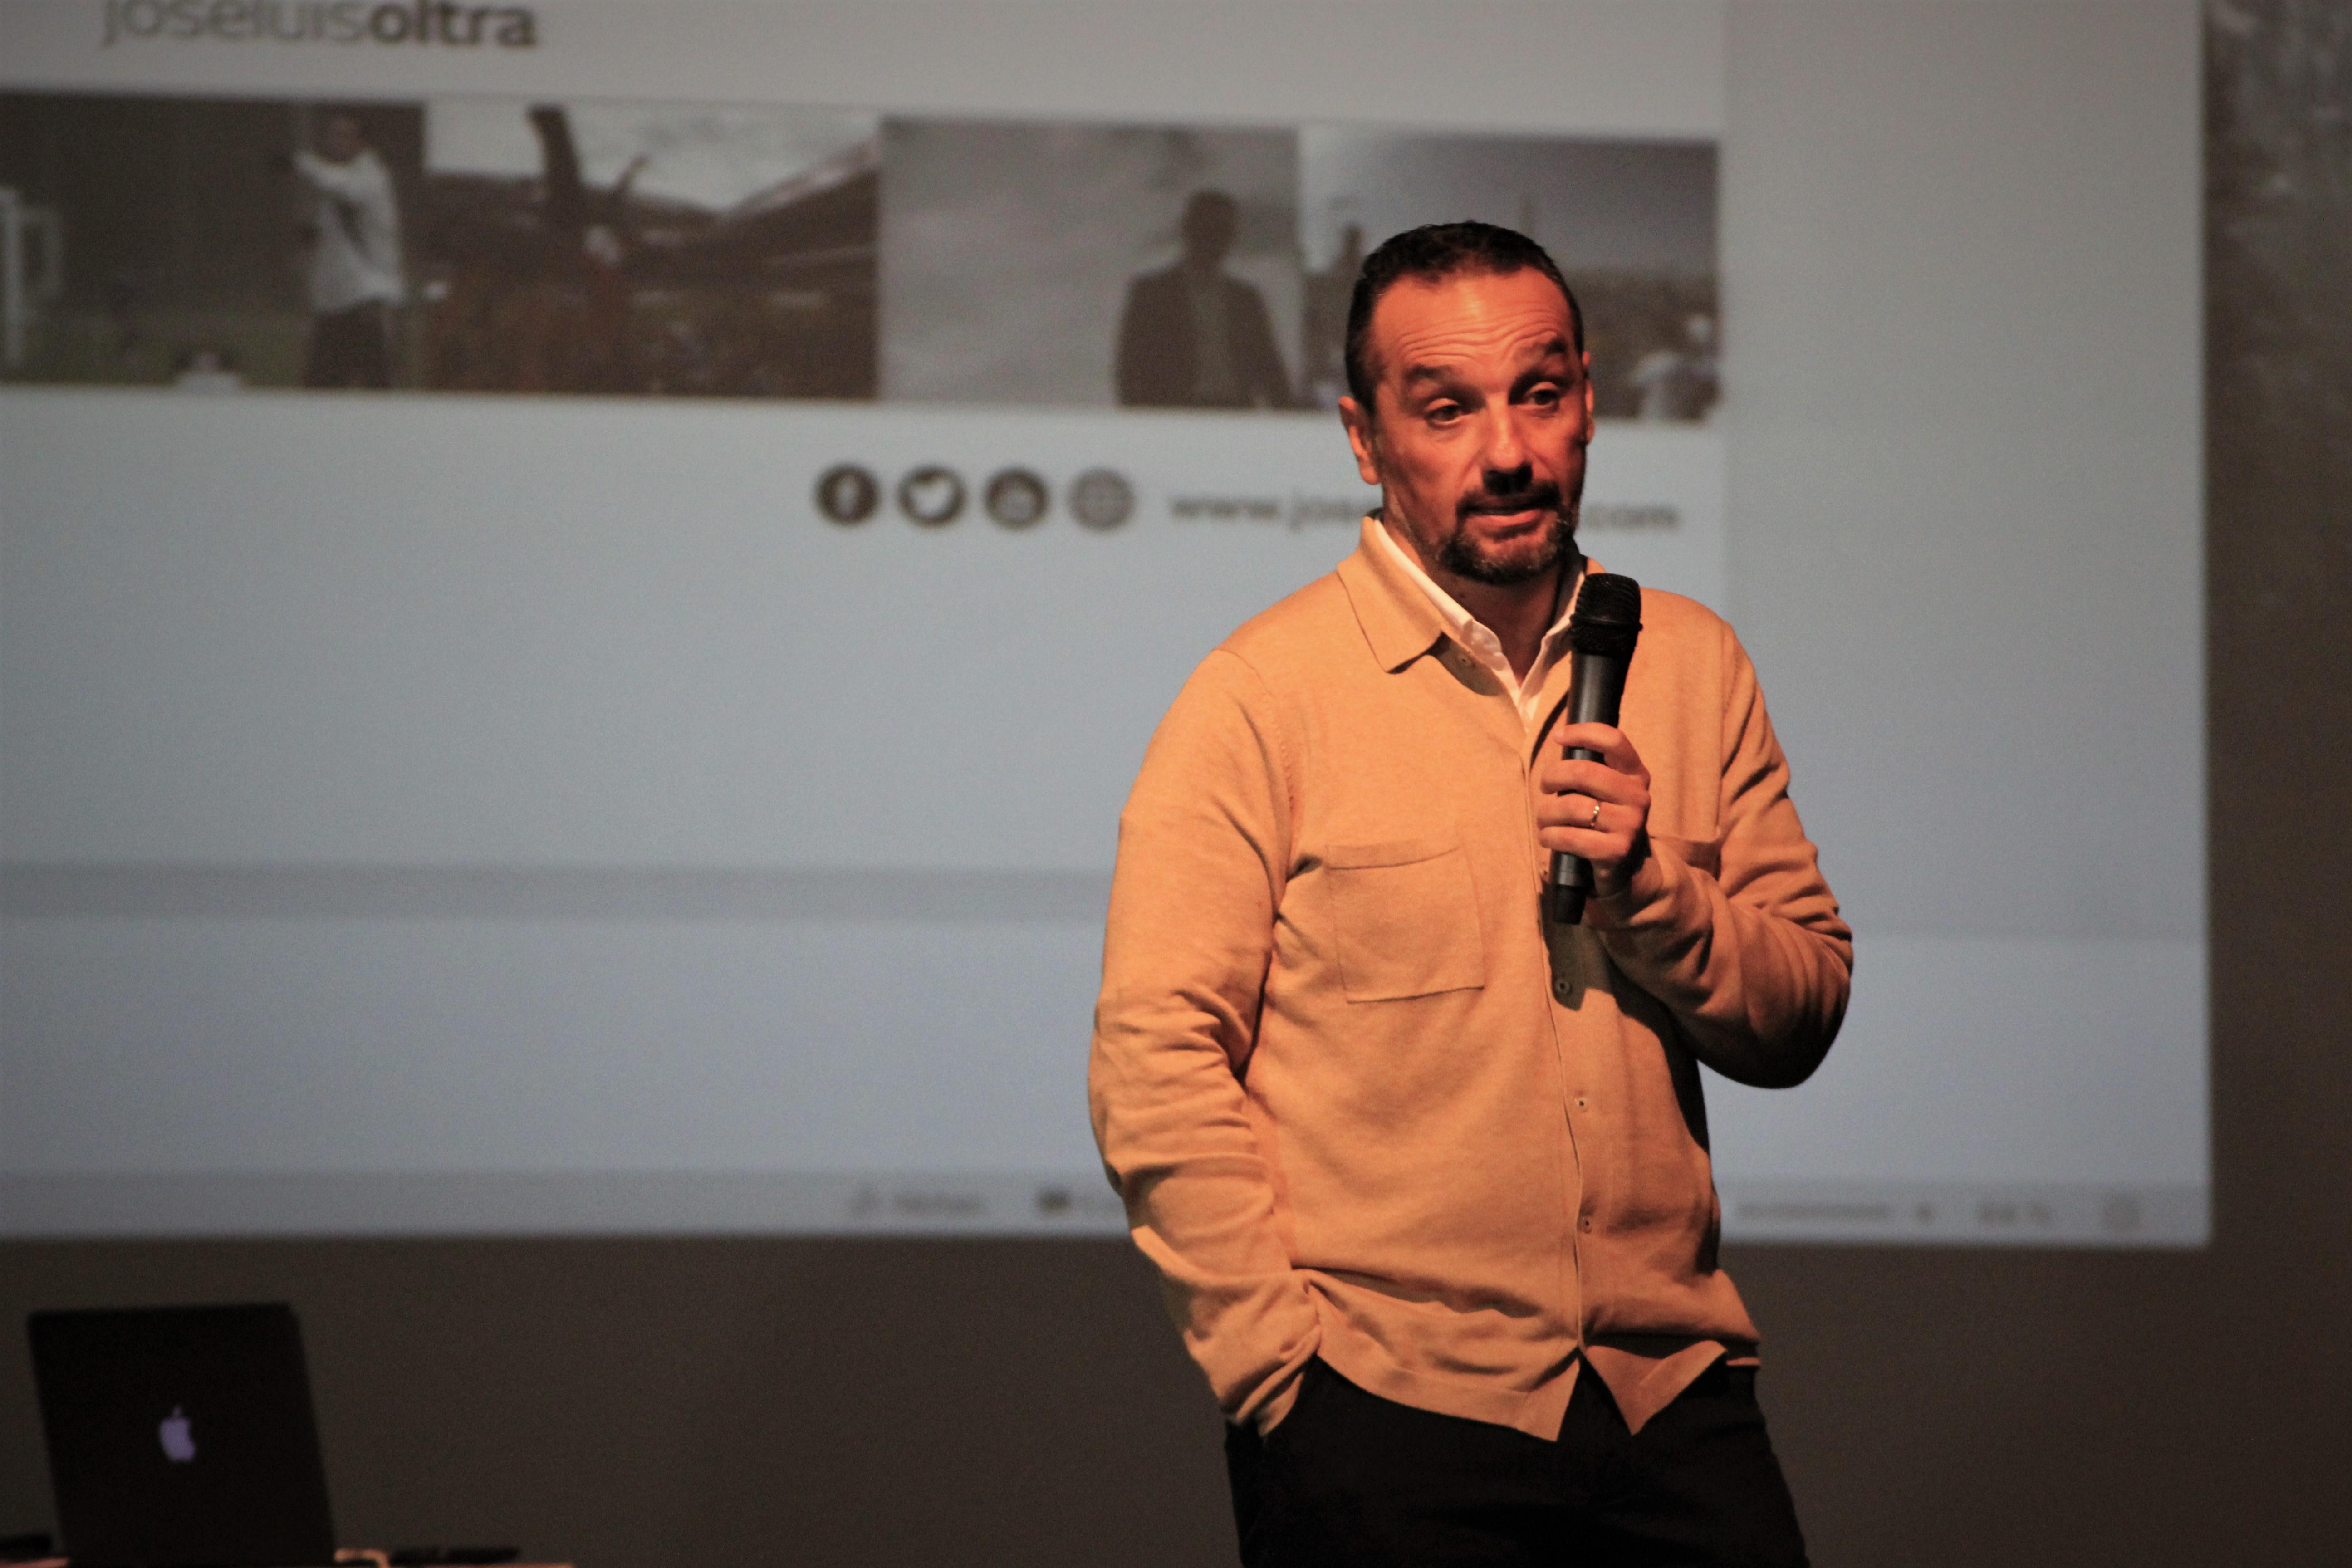 3dic- Ponencia José Luis Oltra en Xàtiva